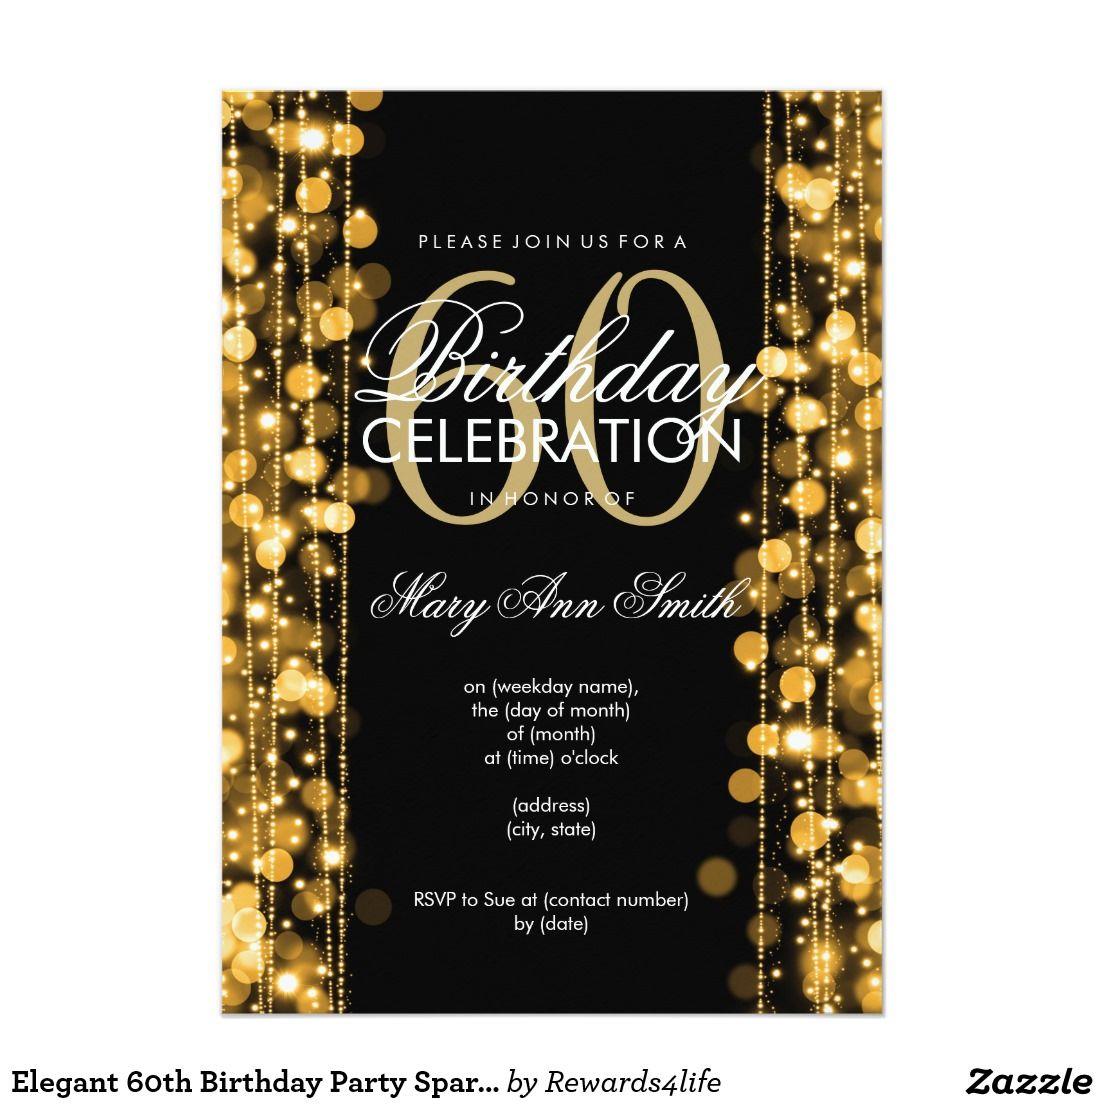 Elegant 60th Birthday Party Sparkles Gold Invitation Zazzle Com 60th Birthday Party Invitations 60th Birthday Invitations 60th Birthday